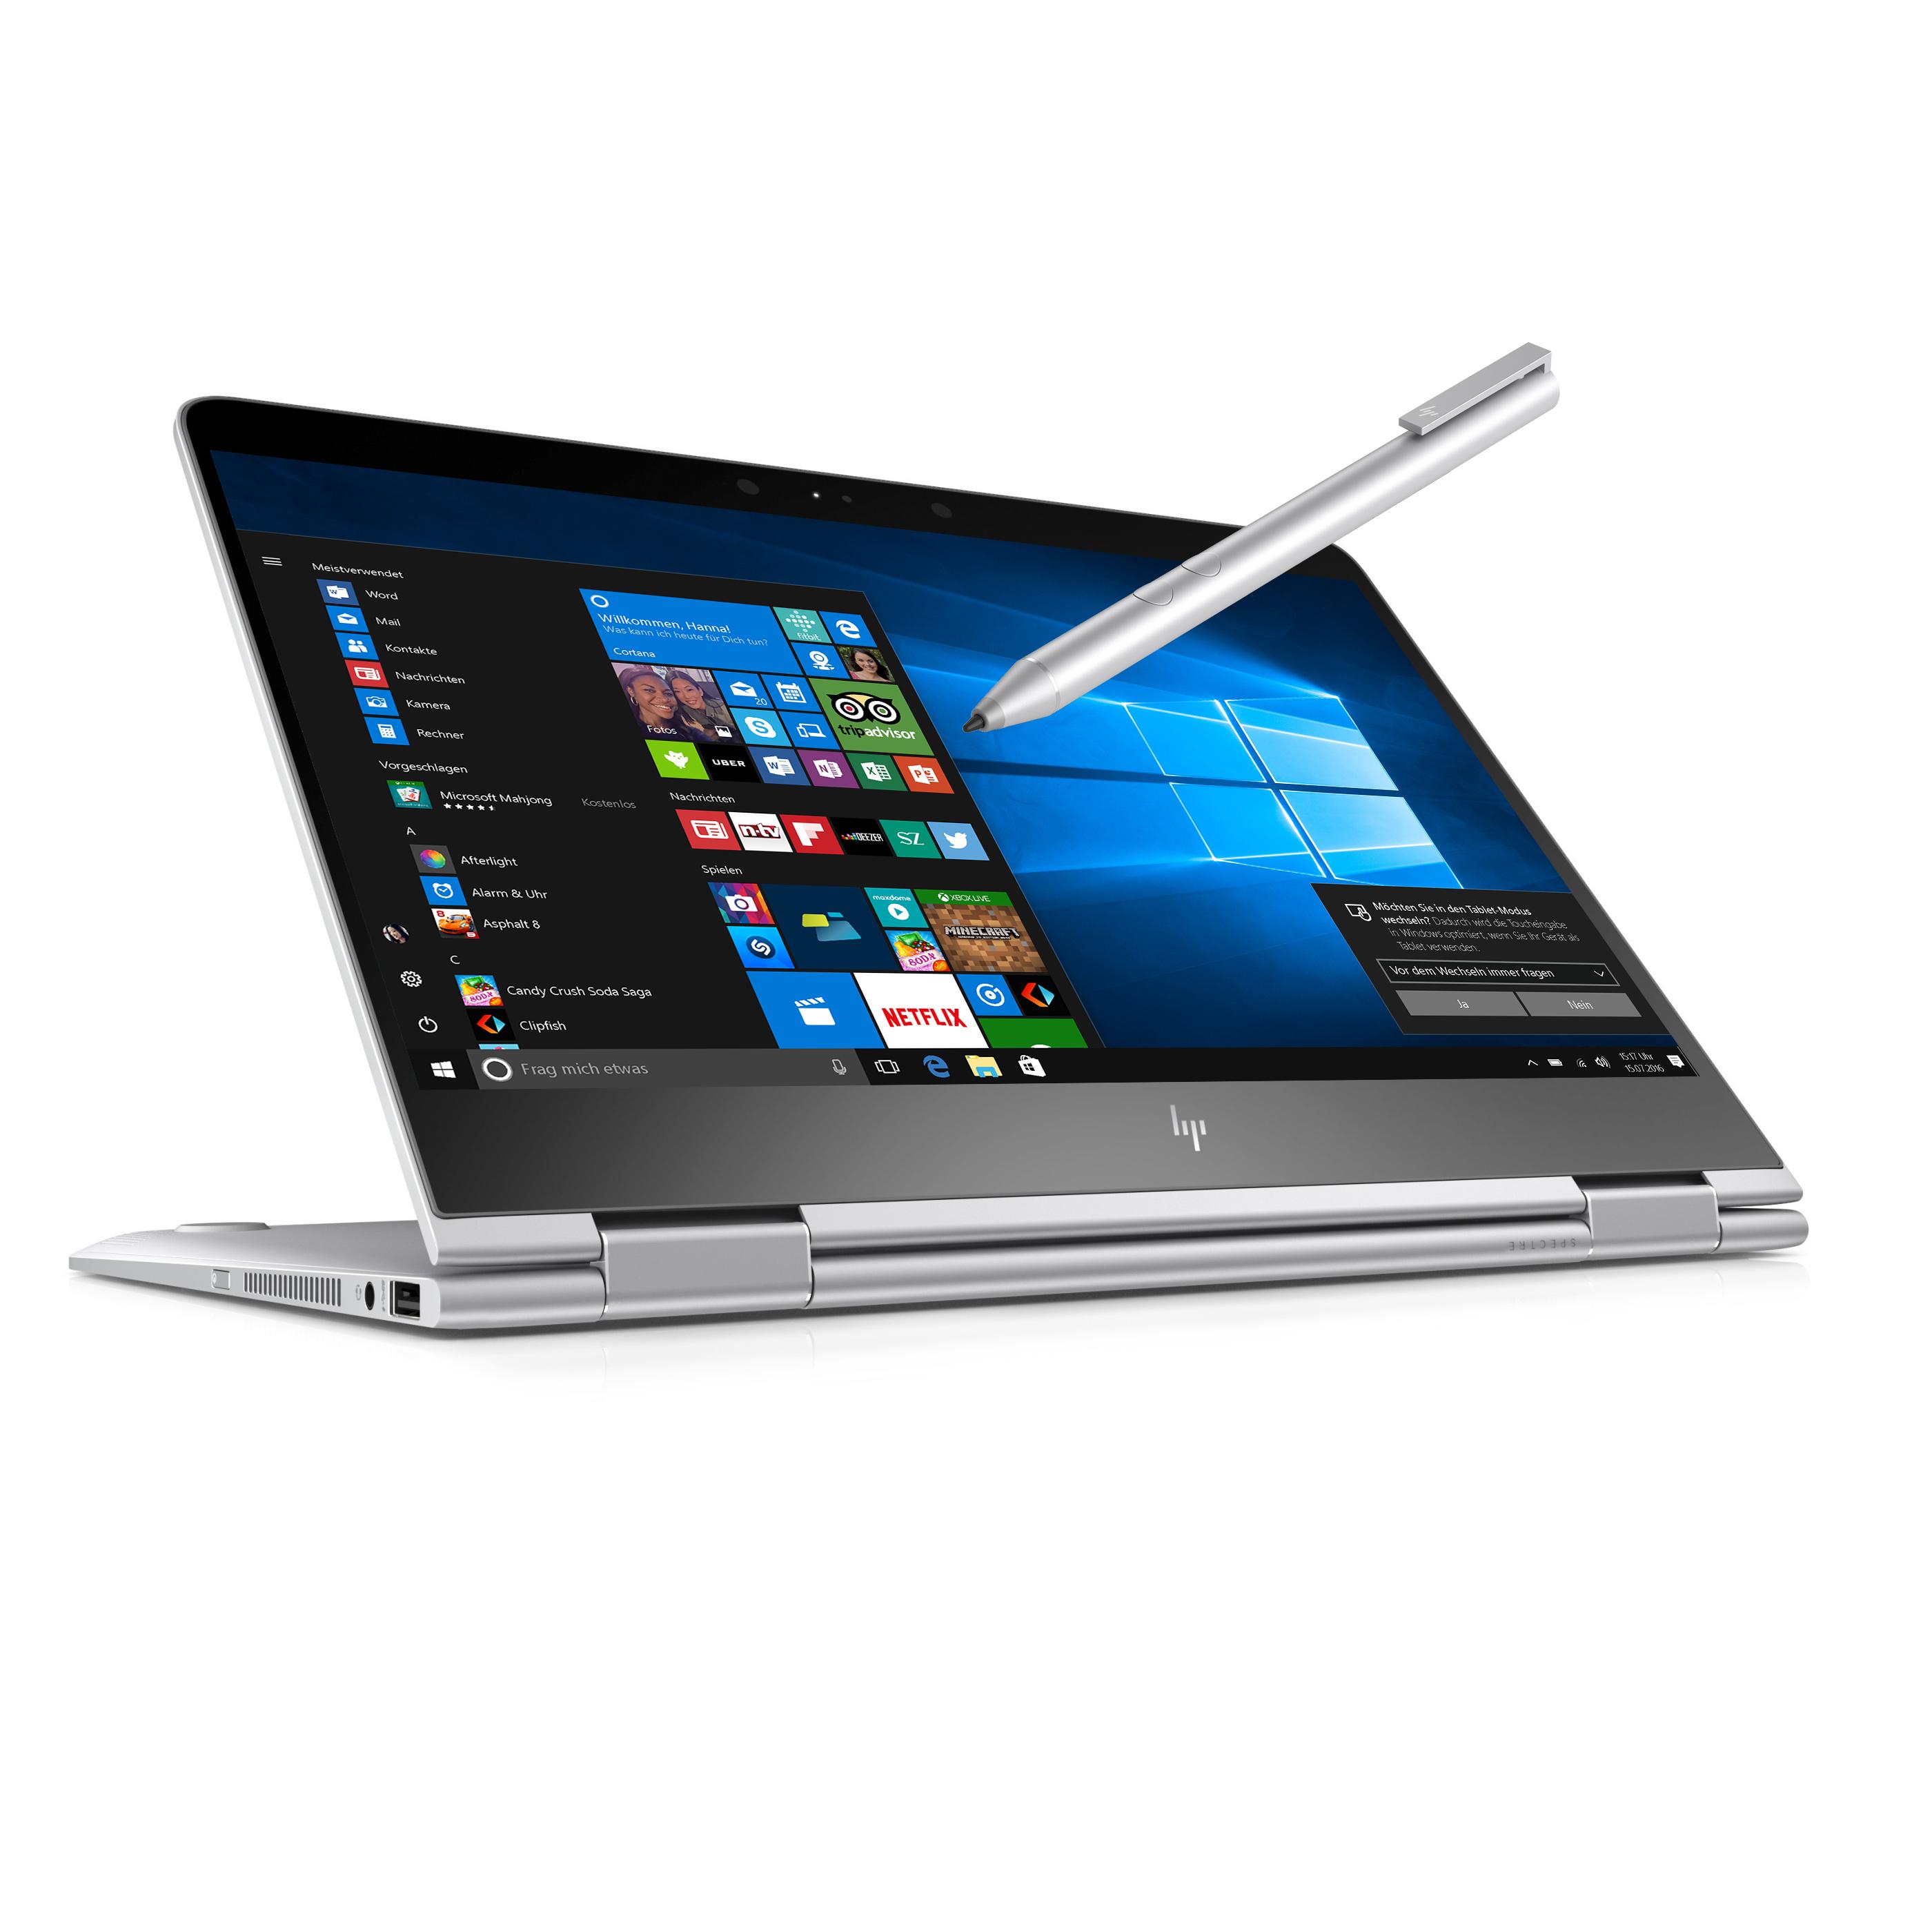 [HP] 100,- Cashback auf HP Spectre (x360) Modelle (+ Active Pen)